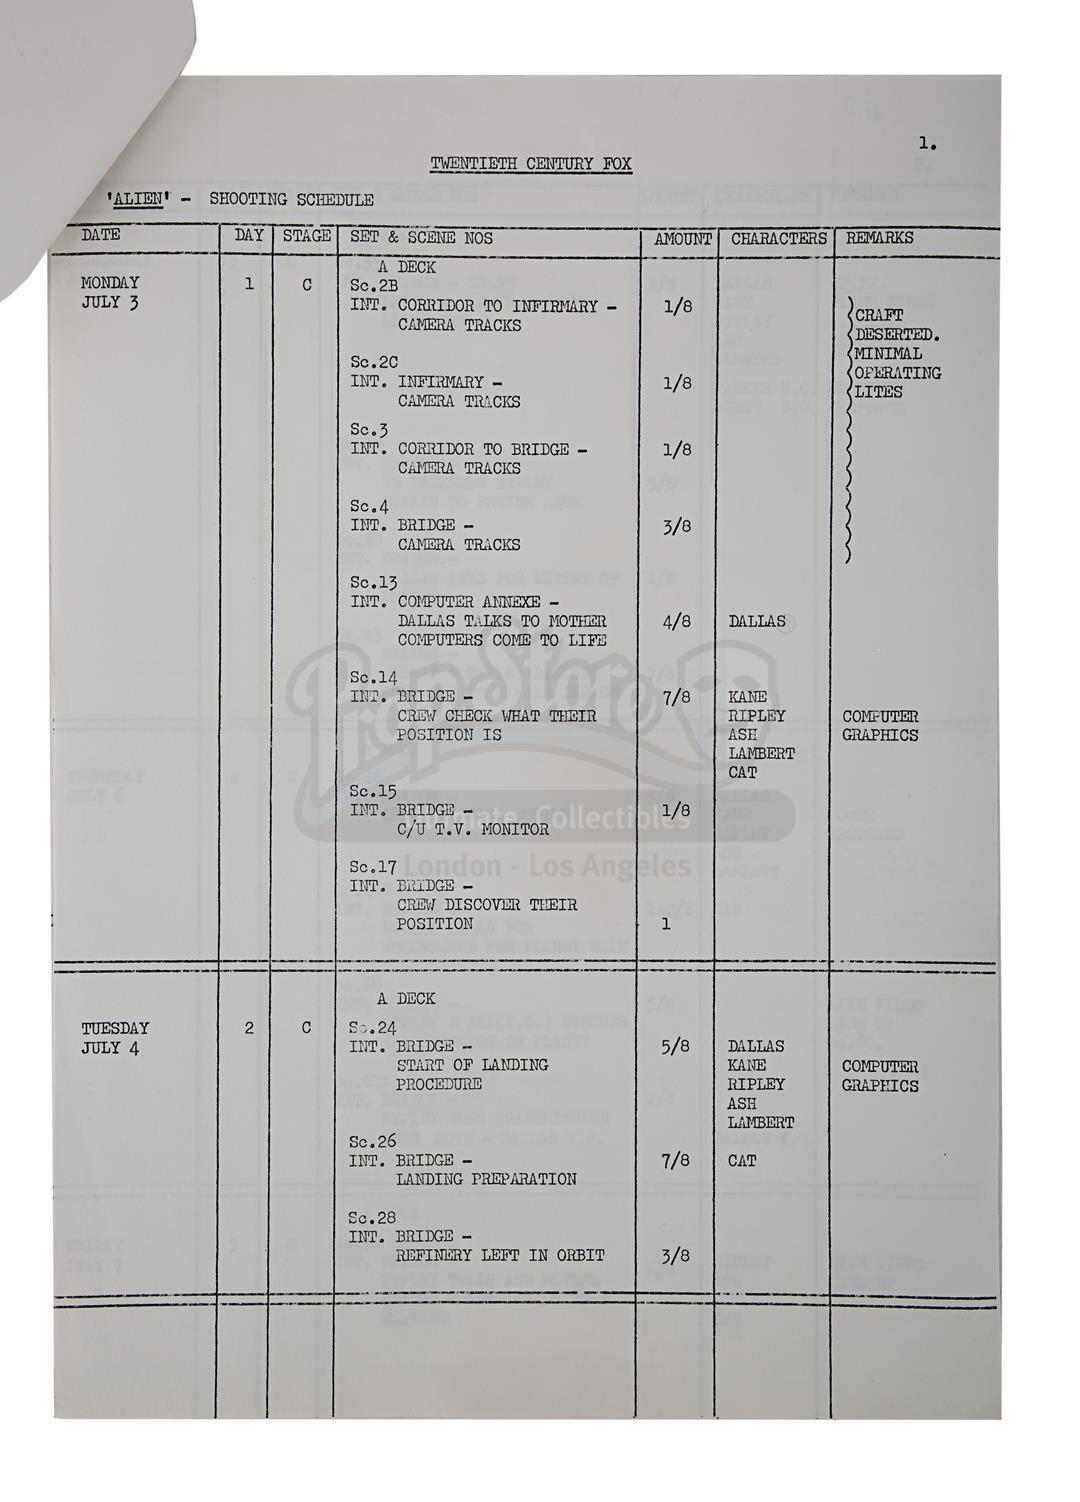 ALIEN (1979) - Prop Department Rake and Shooting Schedule - Image 10 of 11